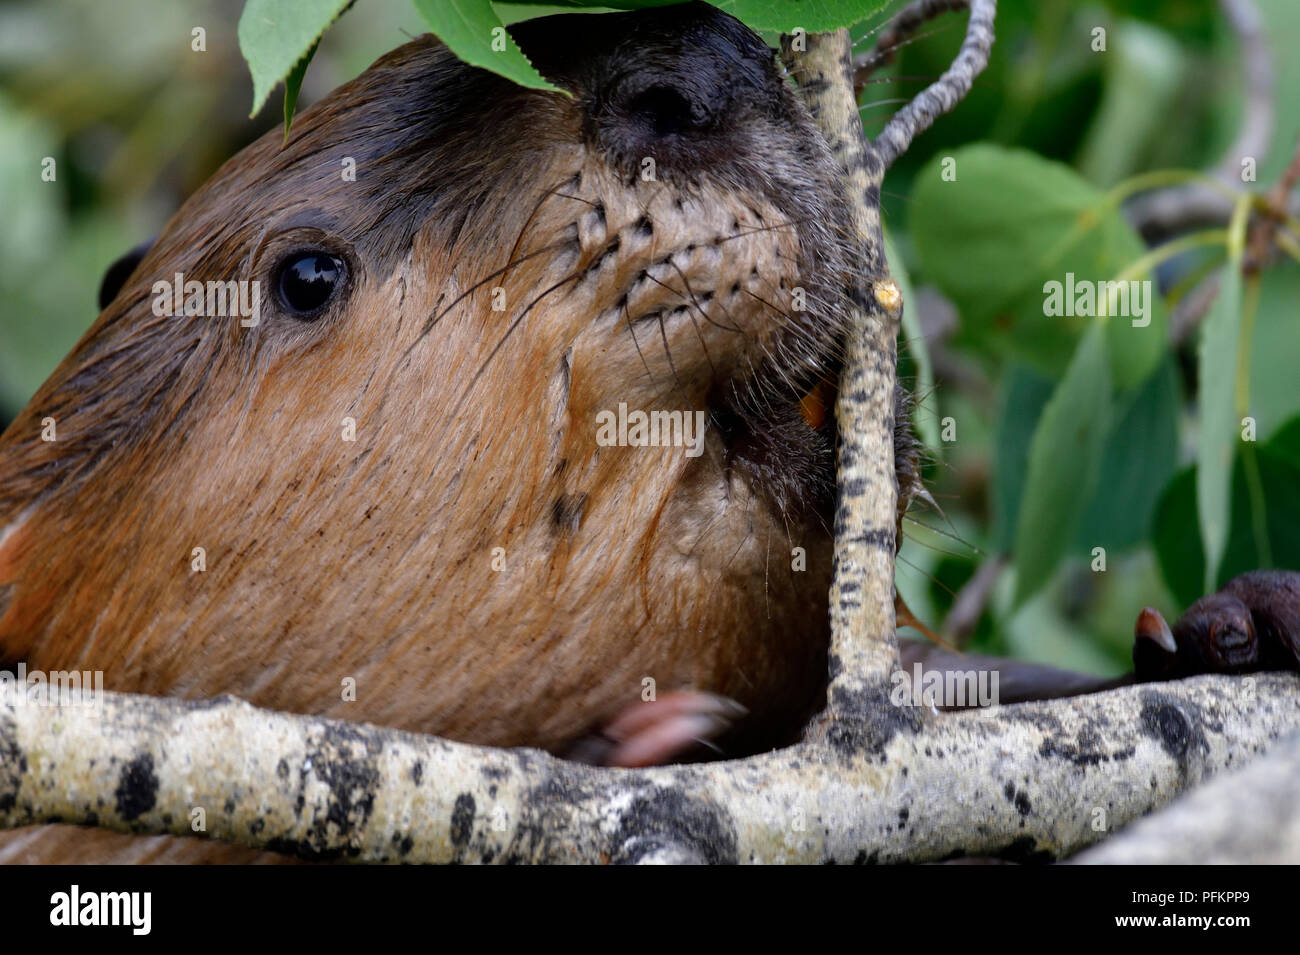 """Eine Nahaufnahme Bild eines wilden Biber """"Castor canadenis' Gesicht wie er ist, einen Baum zu essen zu schneiden Stockbild"""